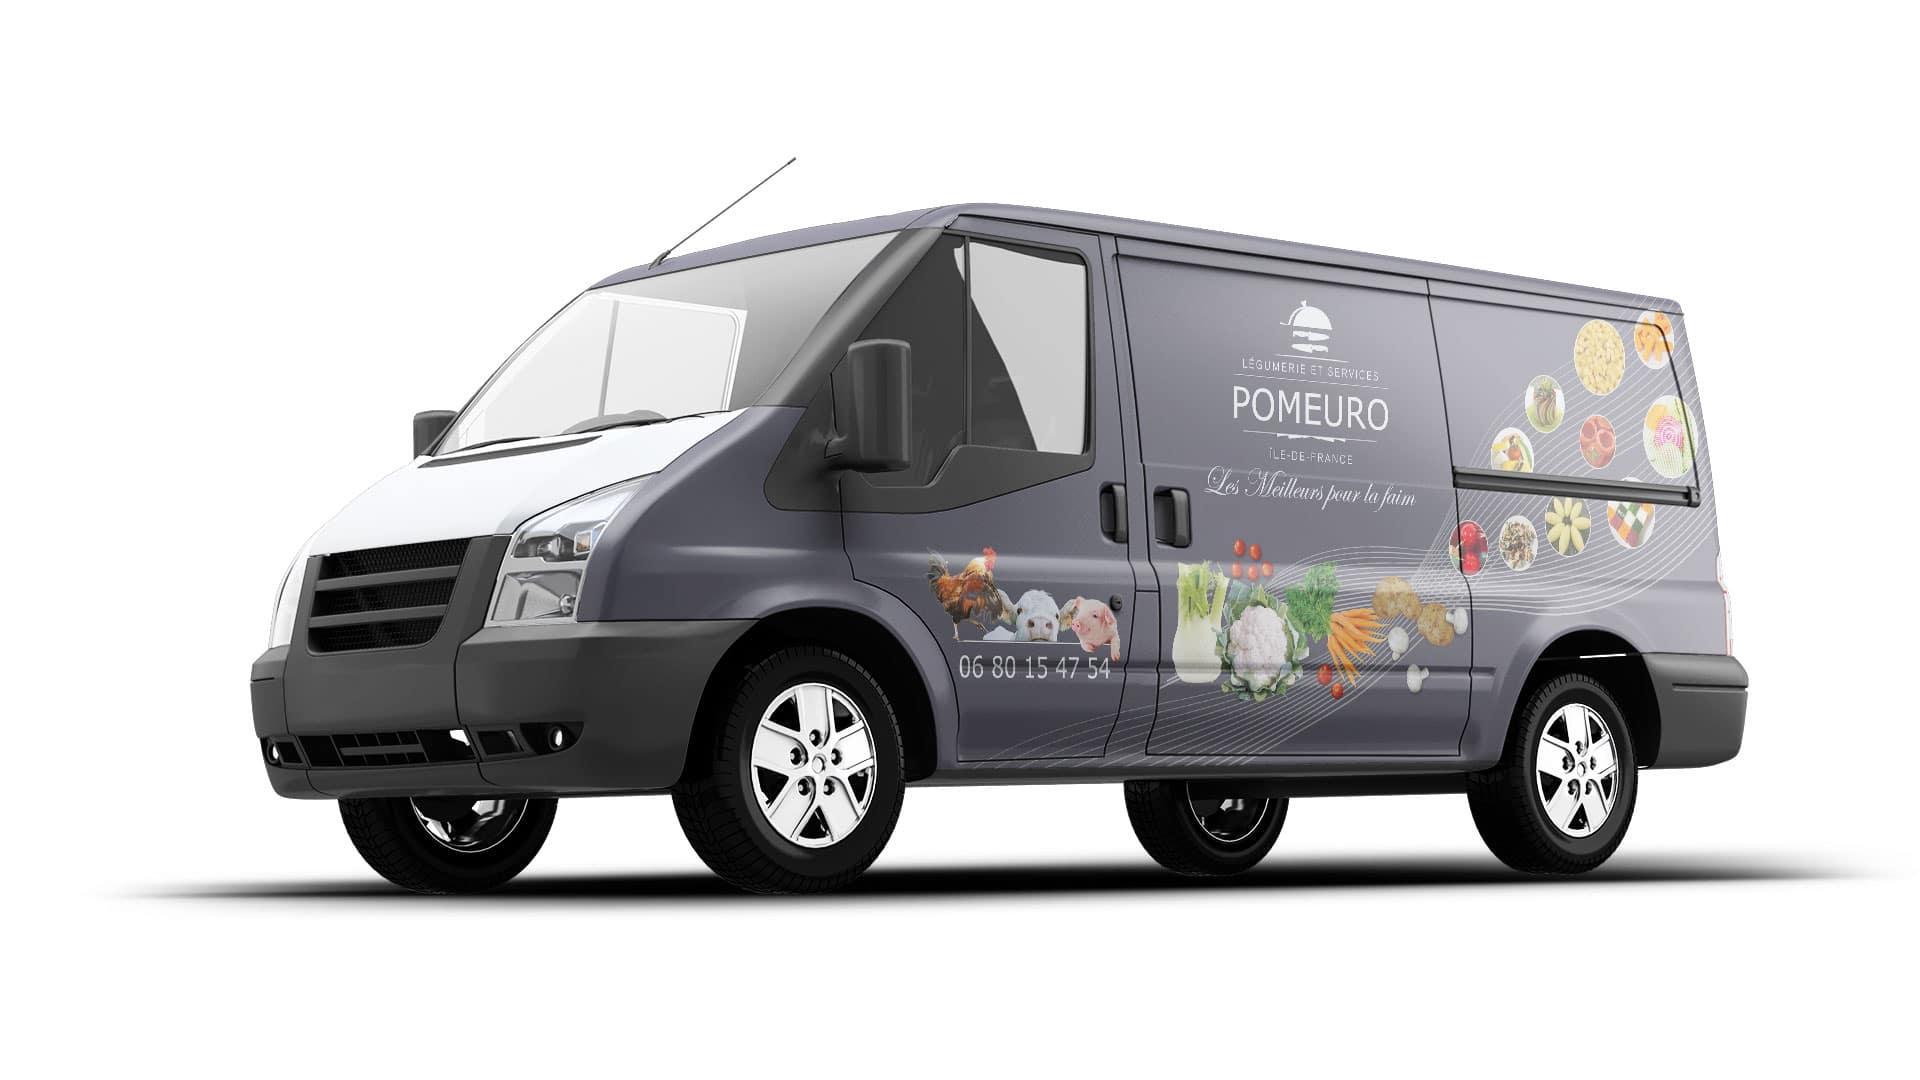 Covering sur camion pour la société Pomeuro à Maisoncelles-en-Brie